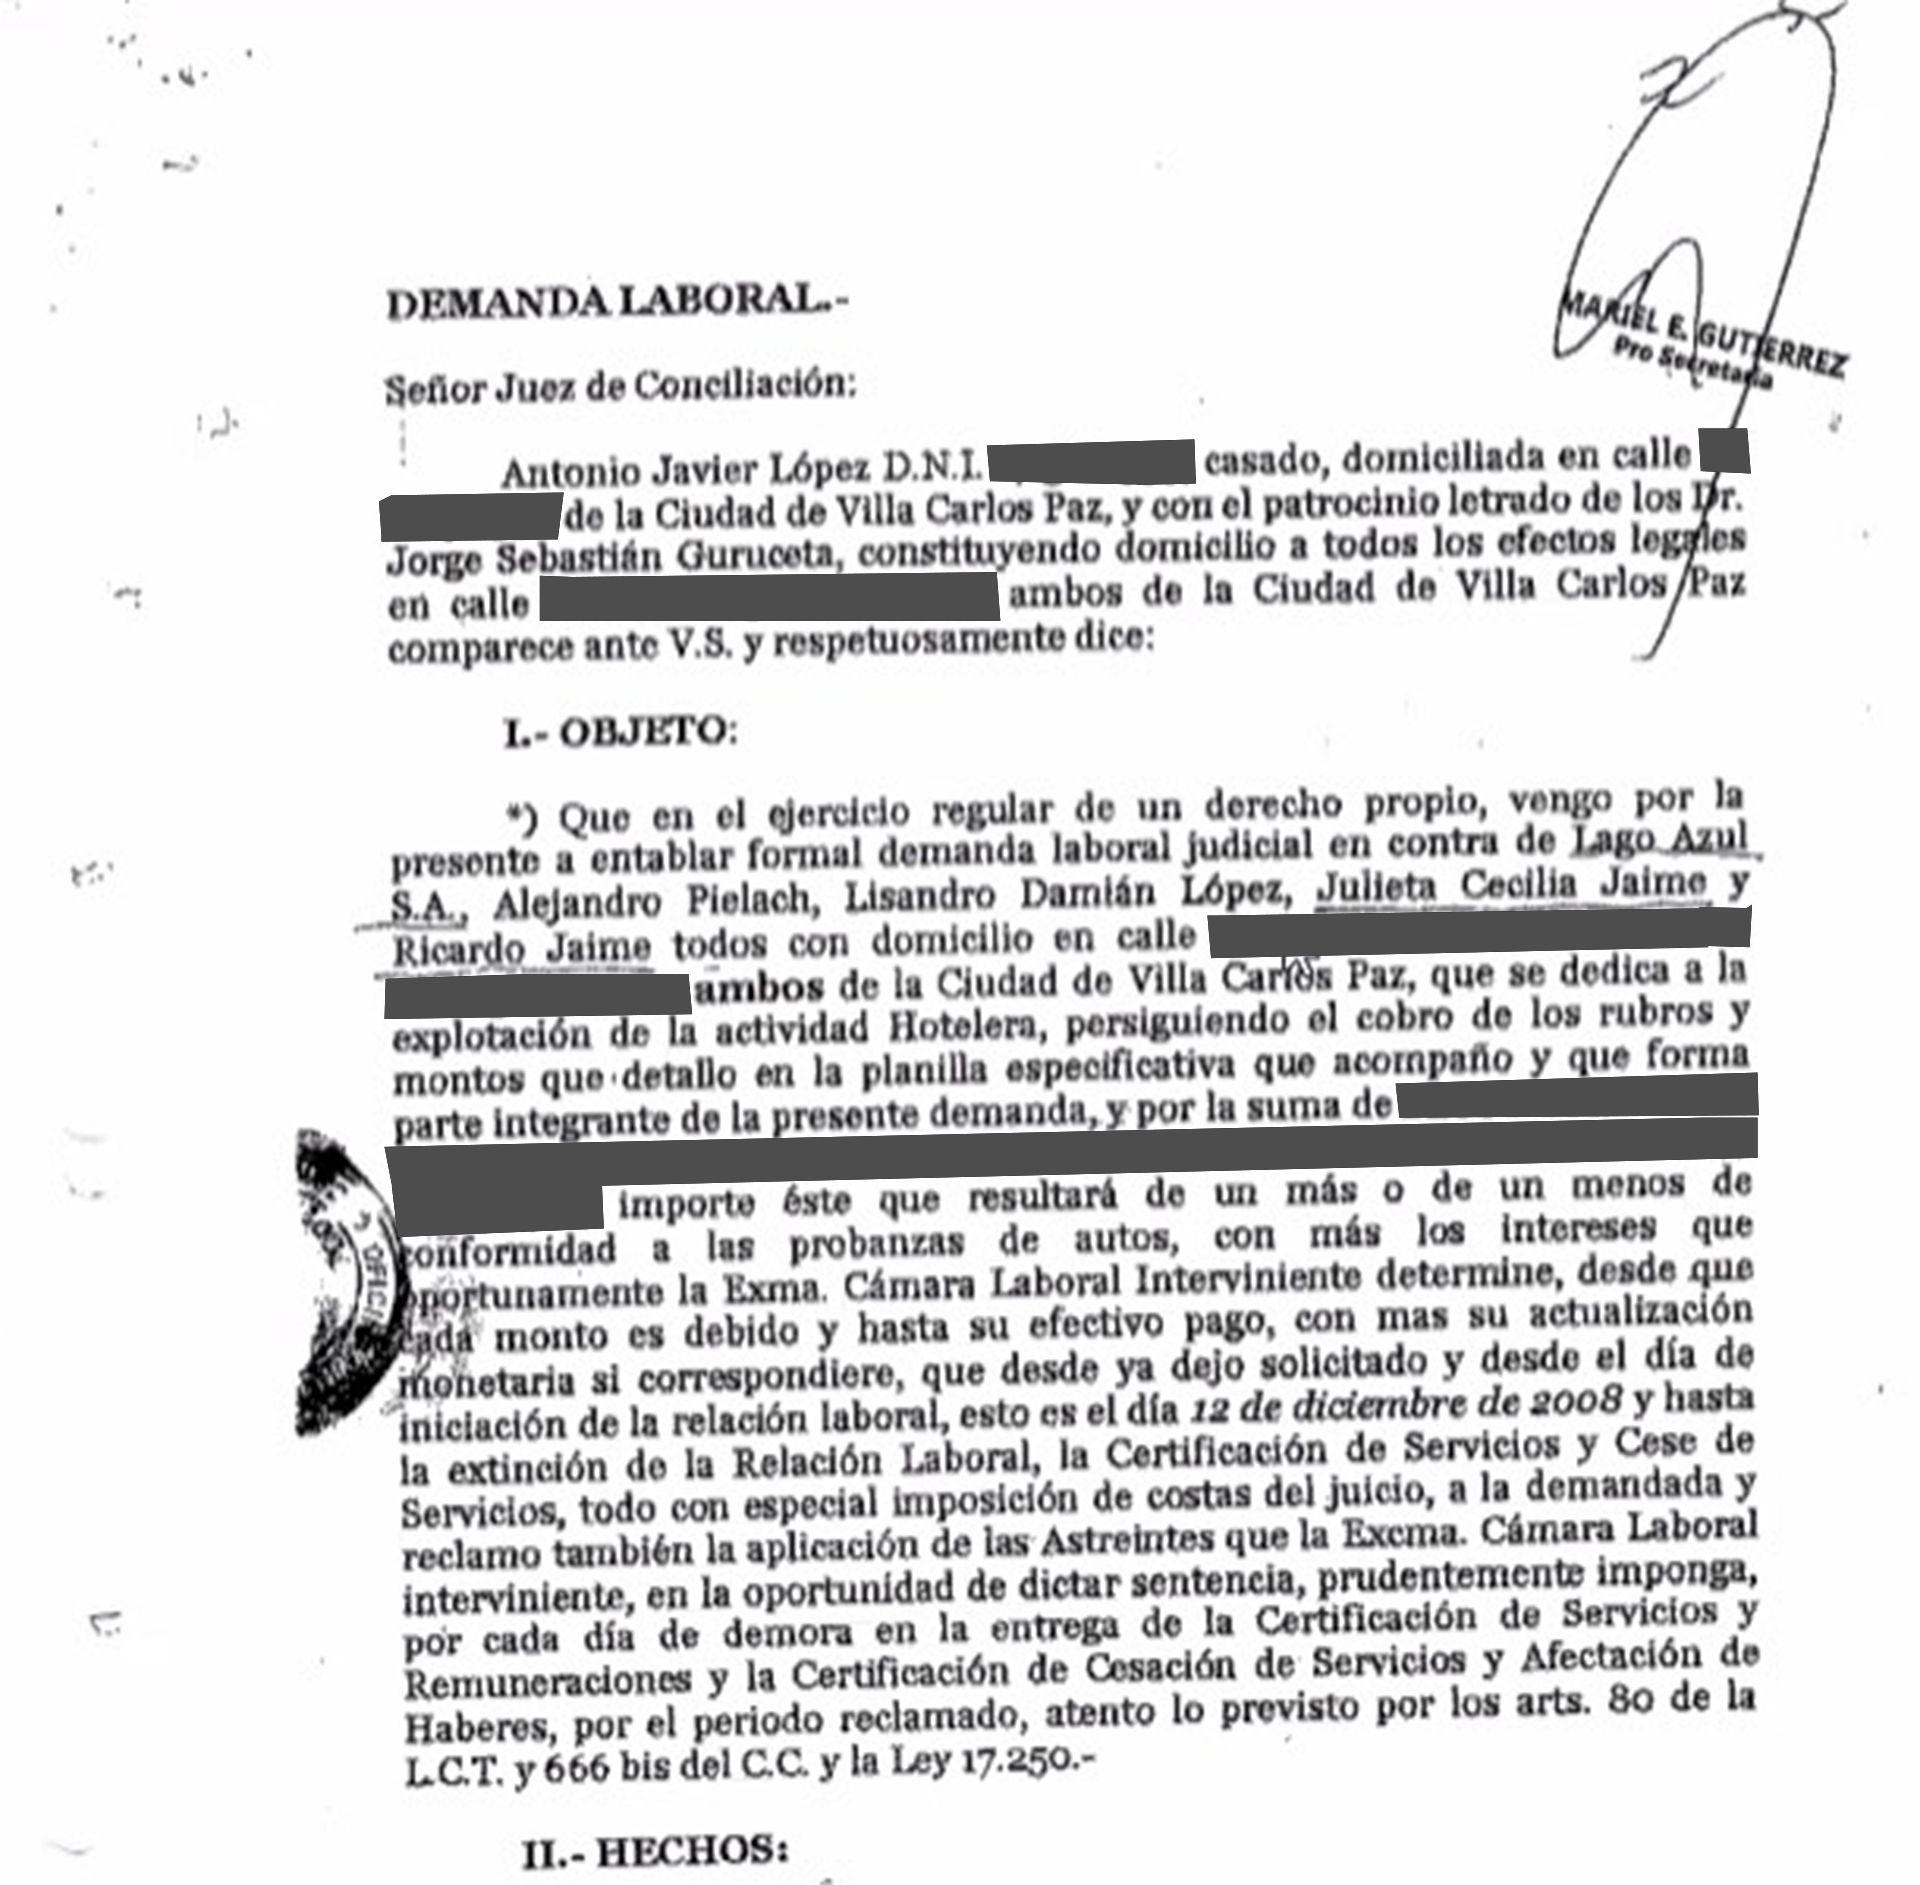 Hotel de Jaime - documentos